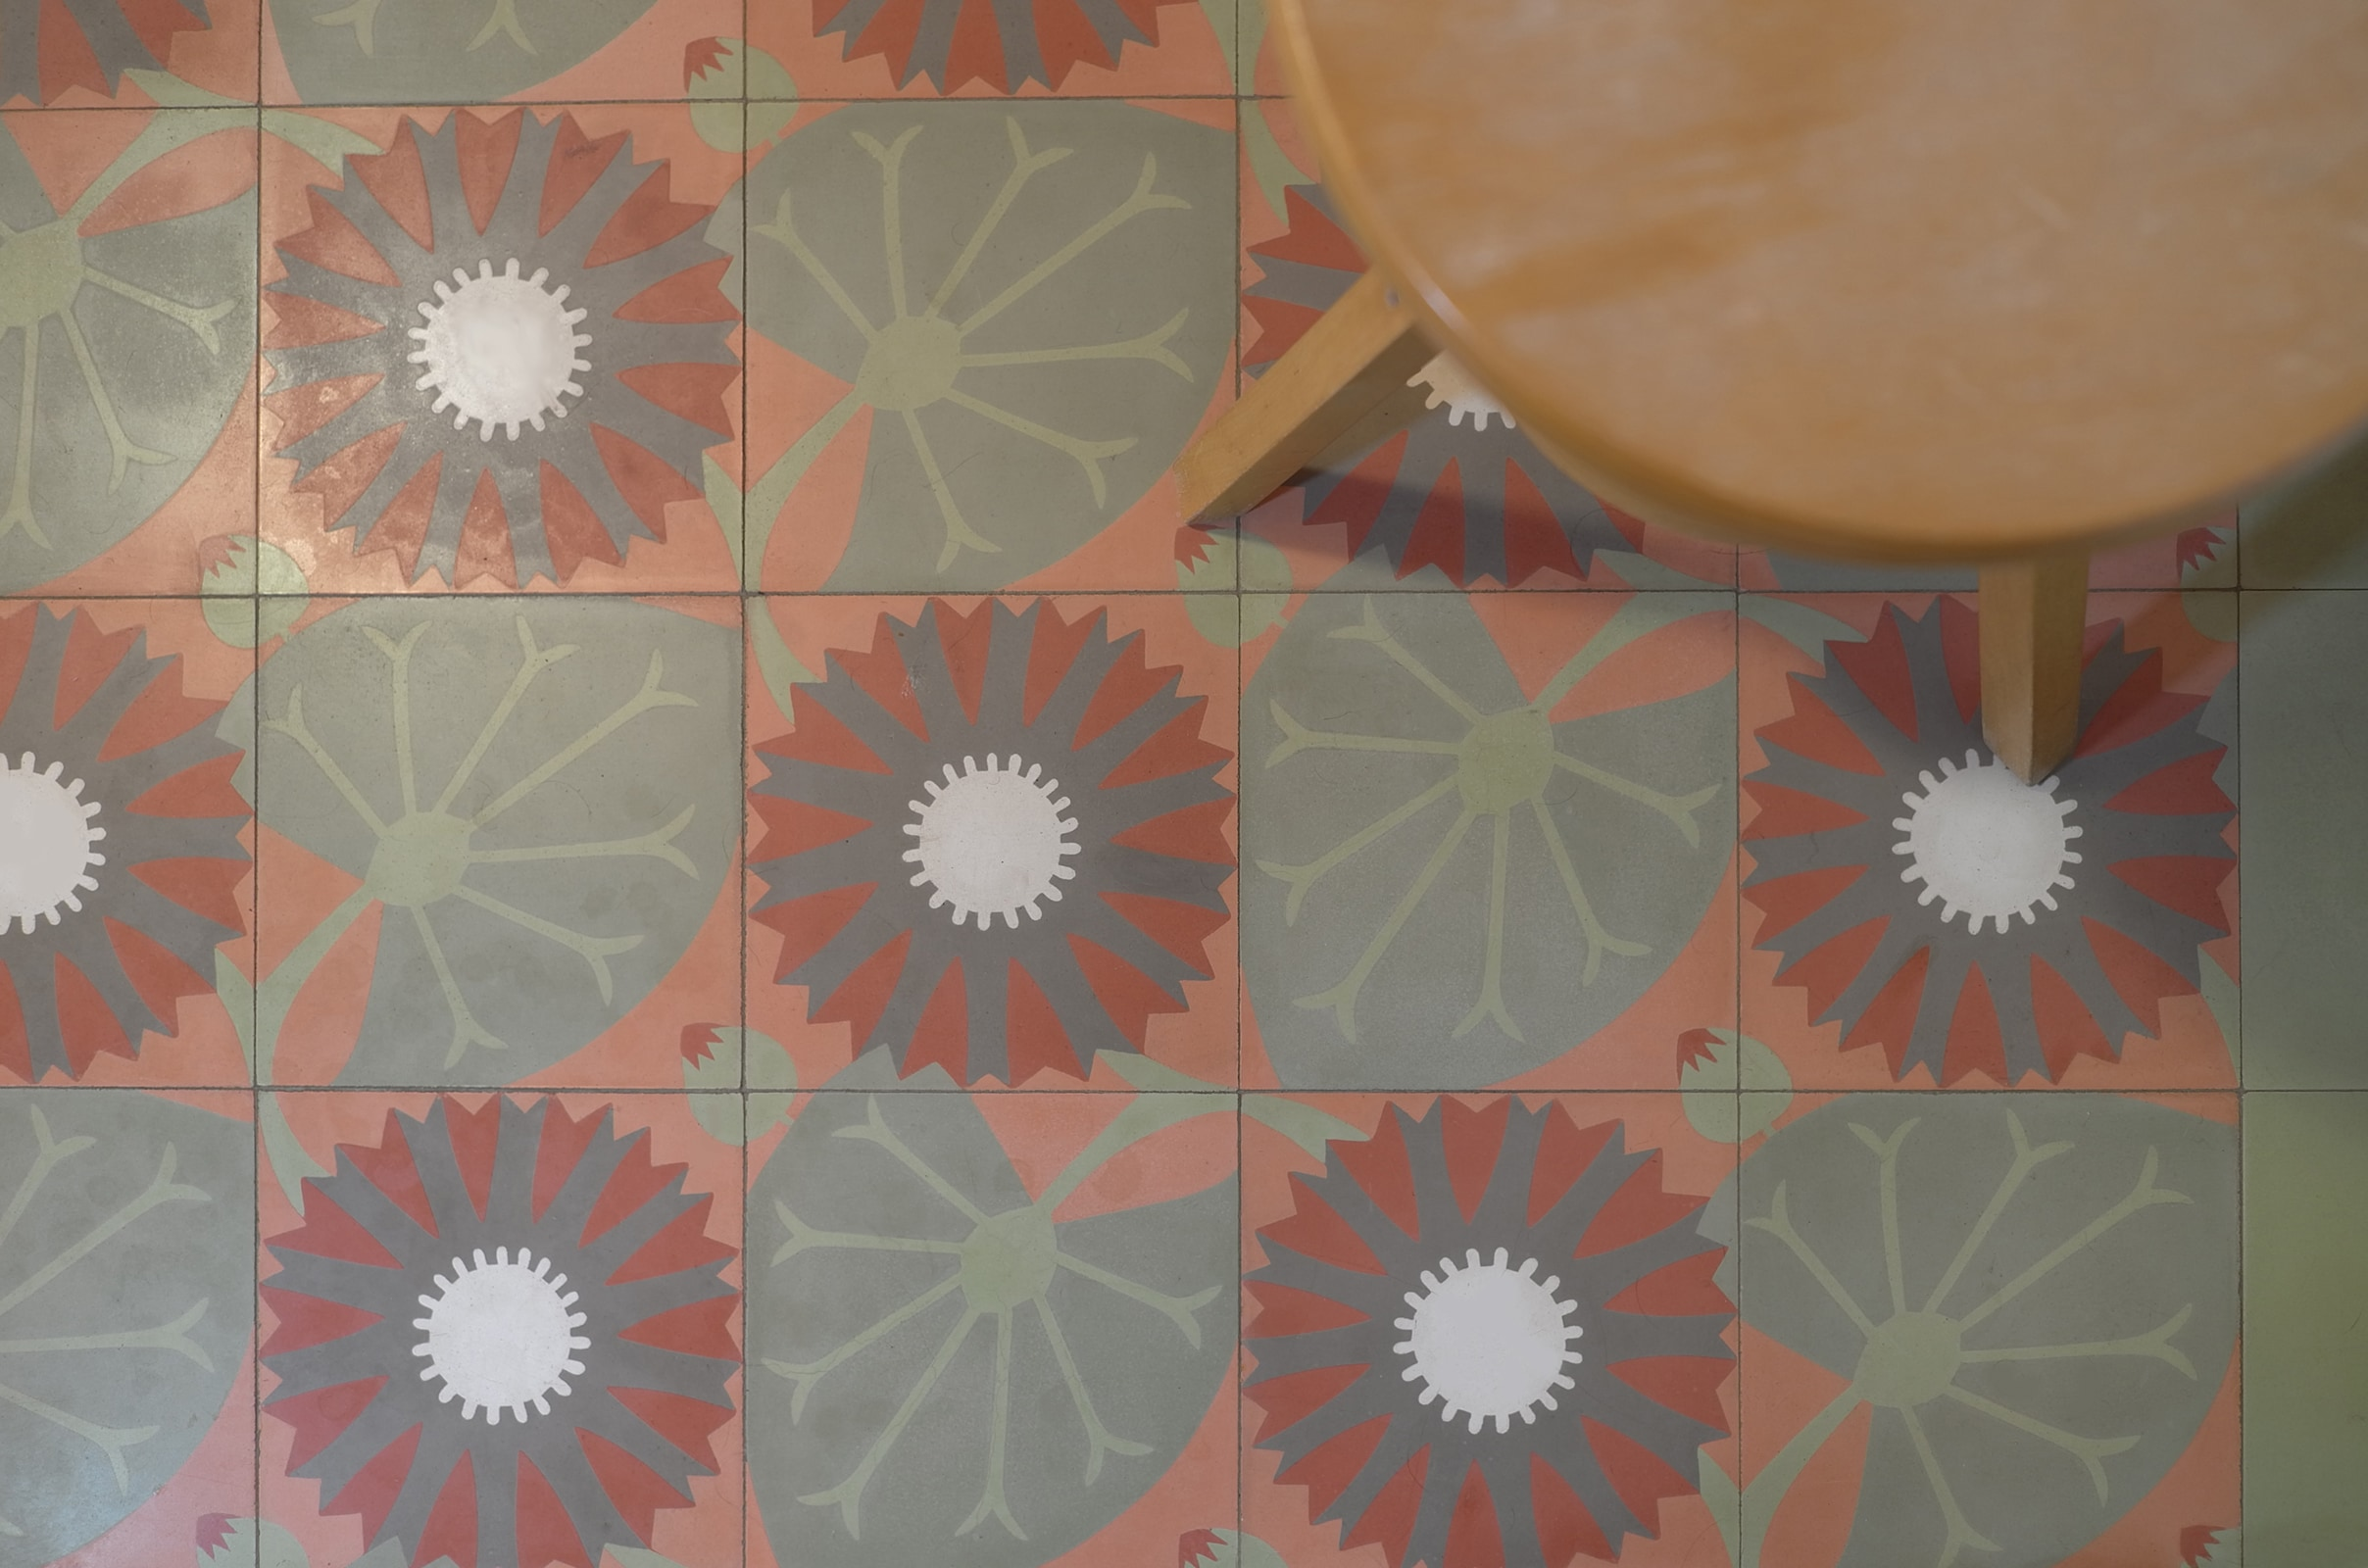 zementfliesen-VIA_zementmosaikplatten-nummer-52033 | 53033